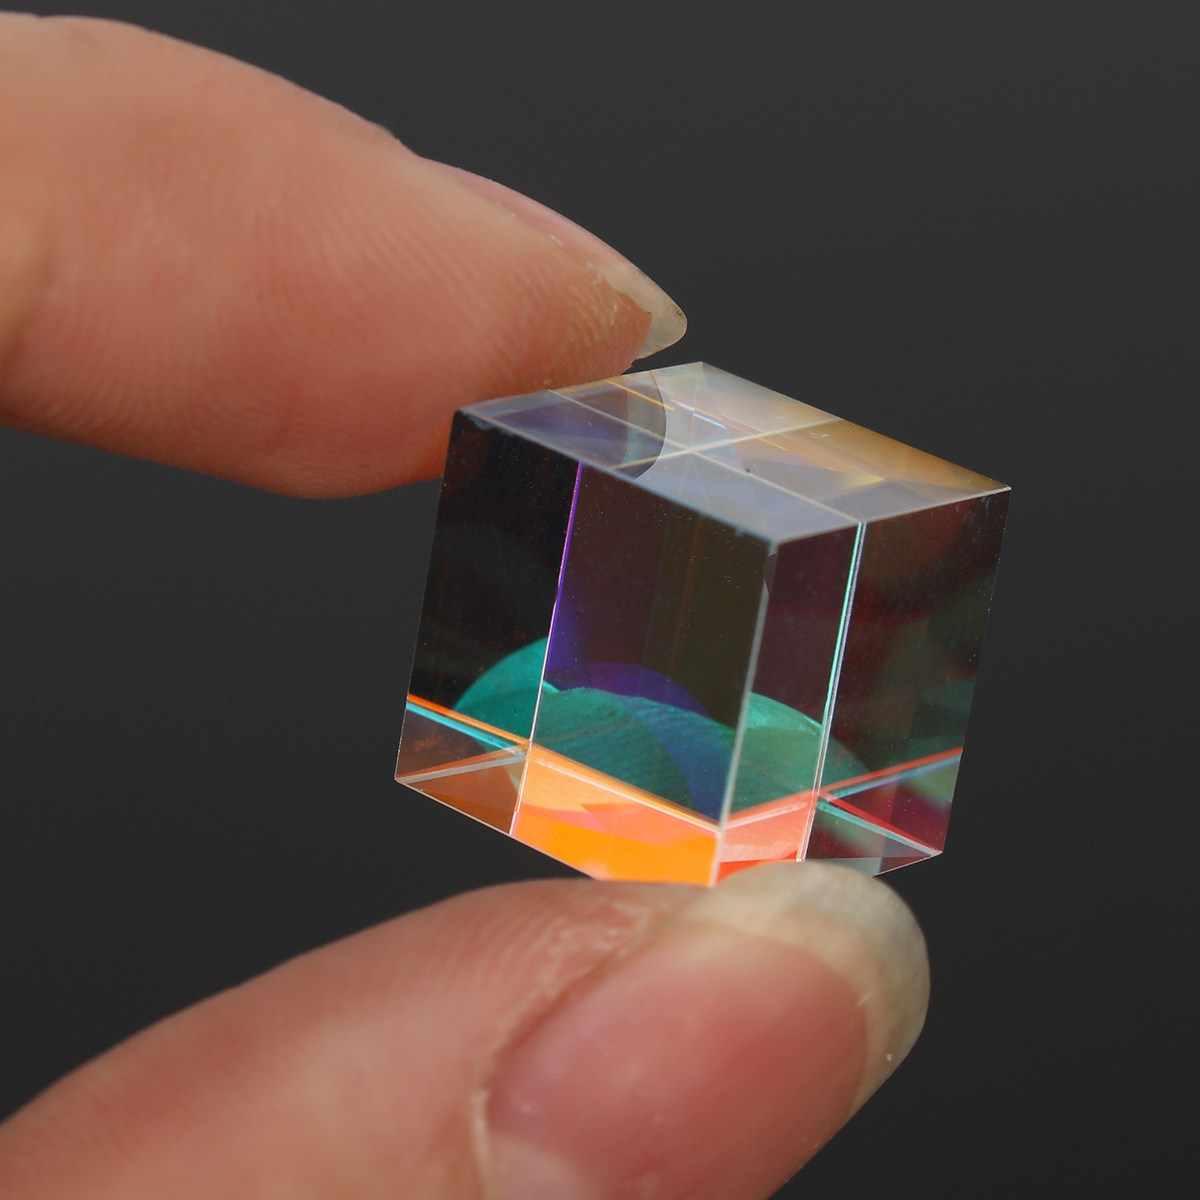 Призма лазерный луч объединить куб Призма зеркало для 405nm ~ 450nm синий лазерный диод